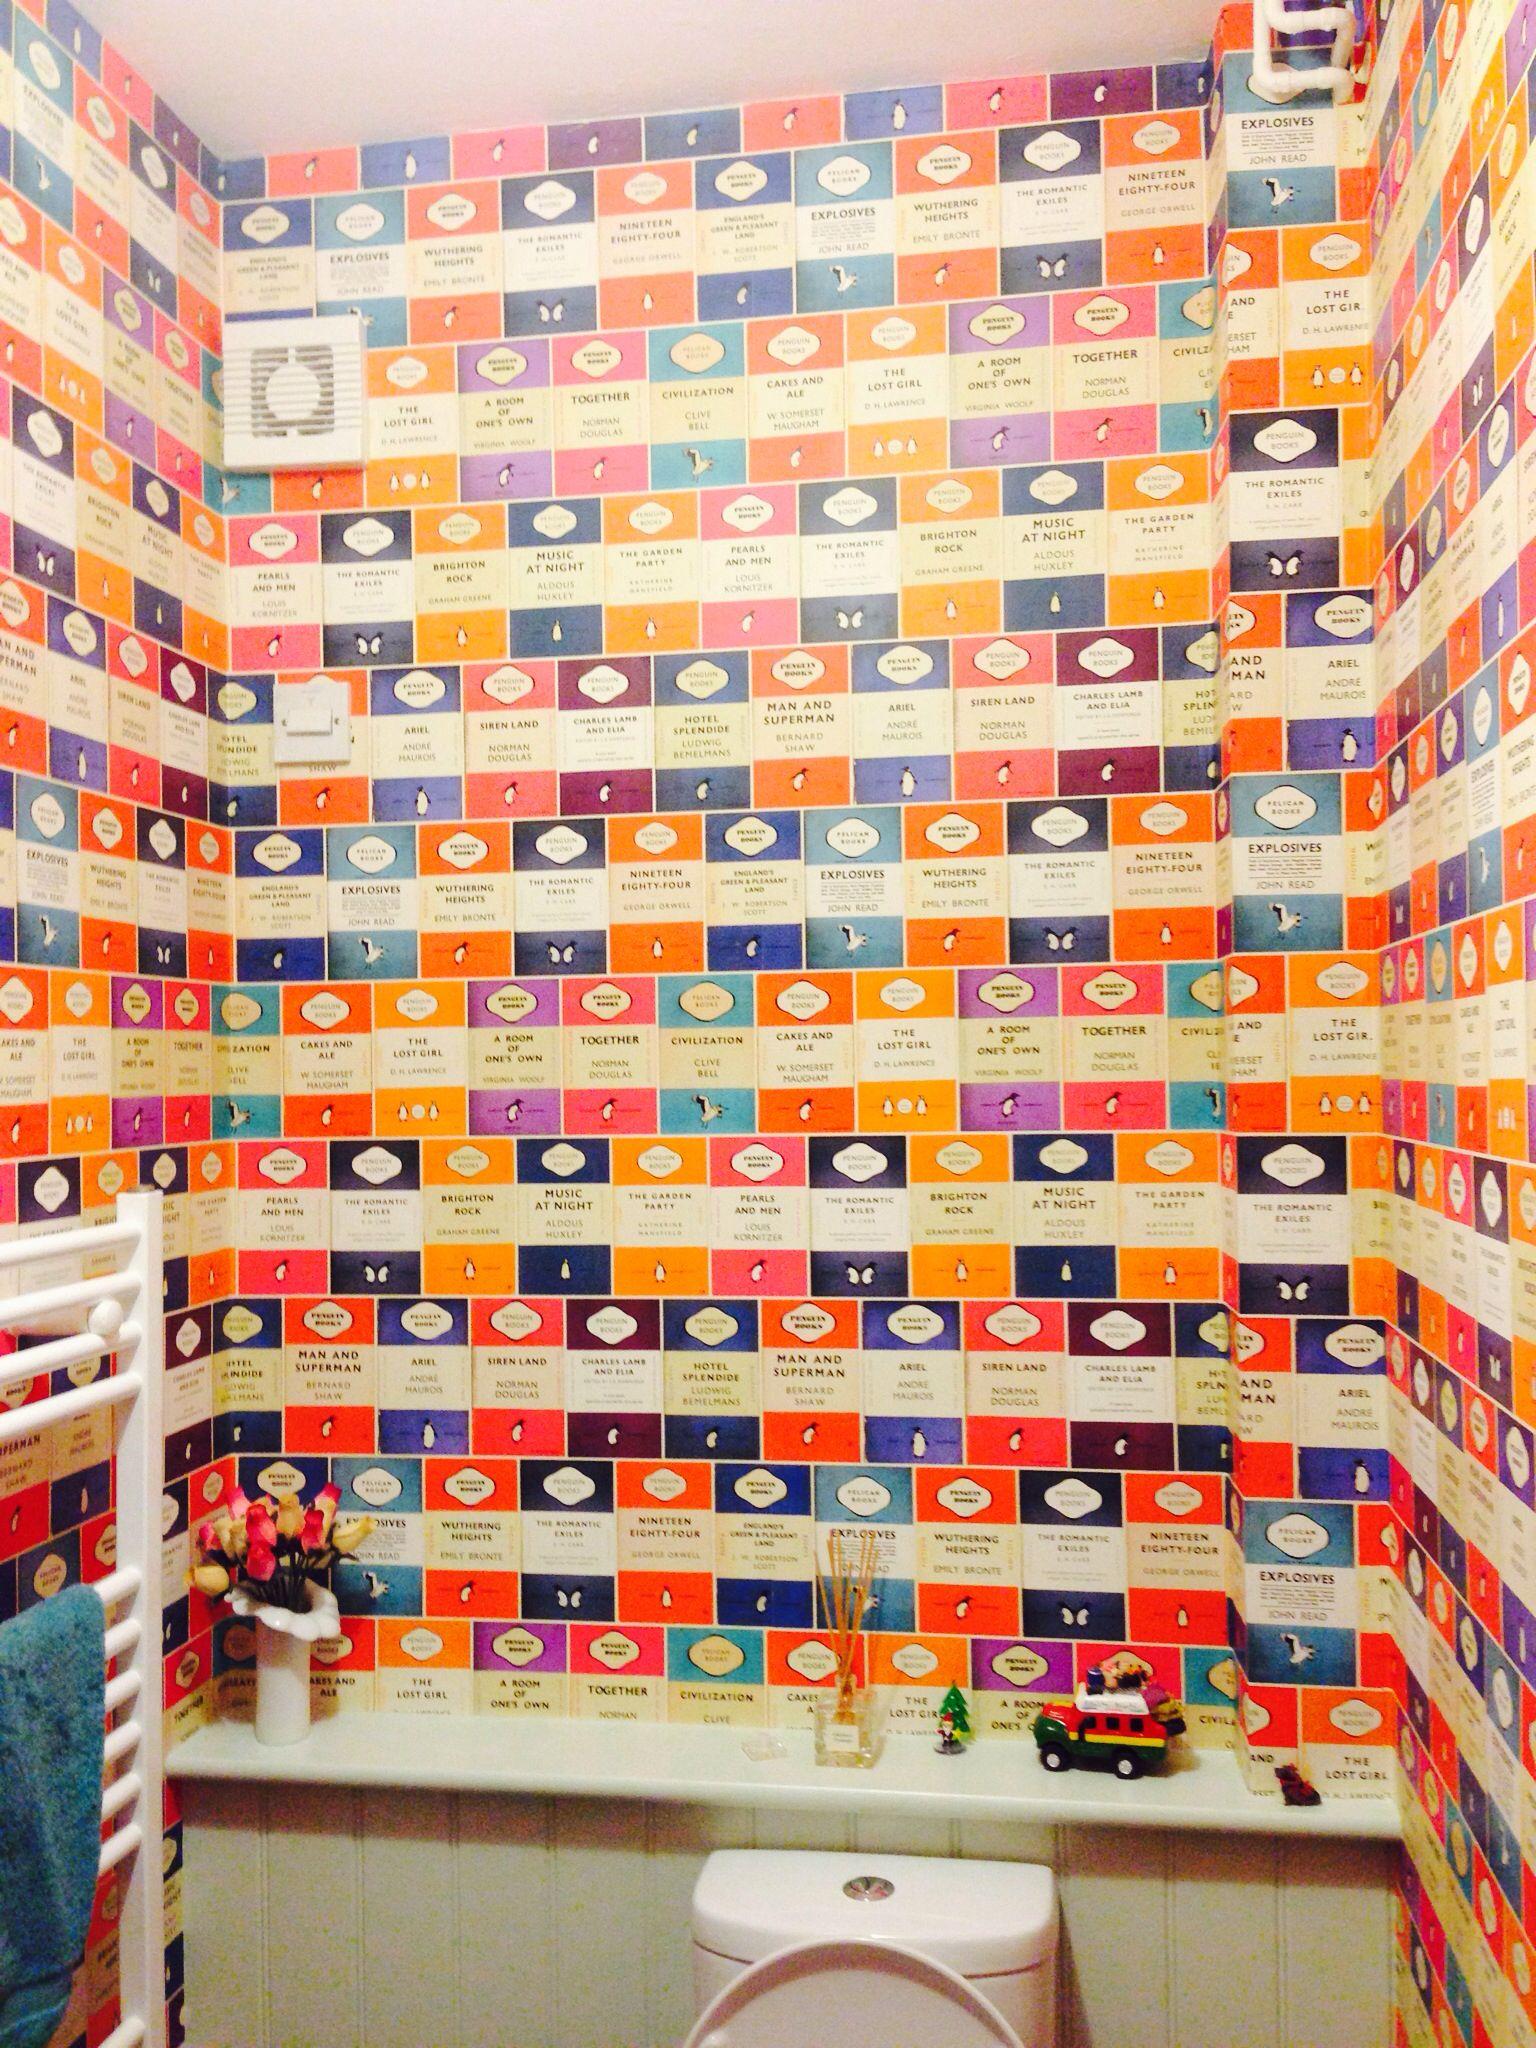 Penguin Book Cover Wallpaper : Penguin books wallpaper decor pinterest book